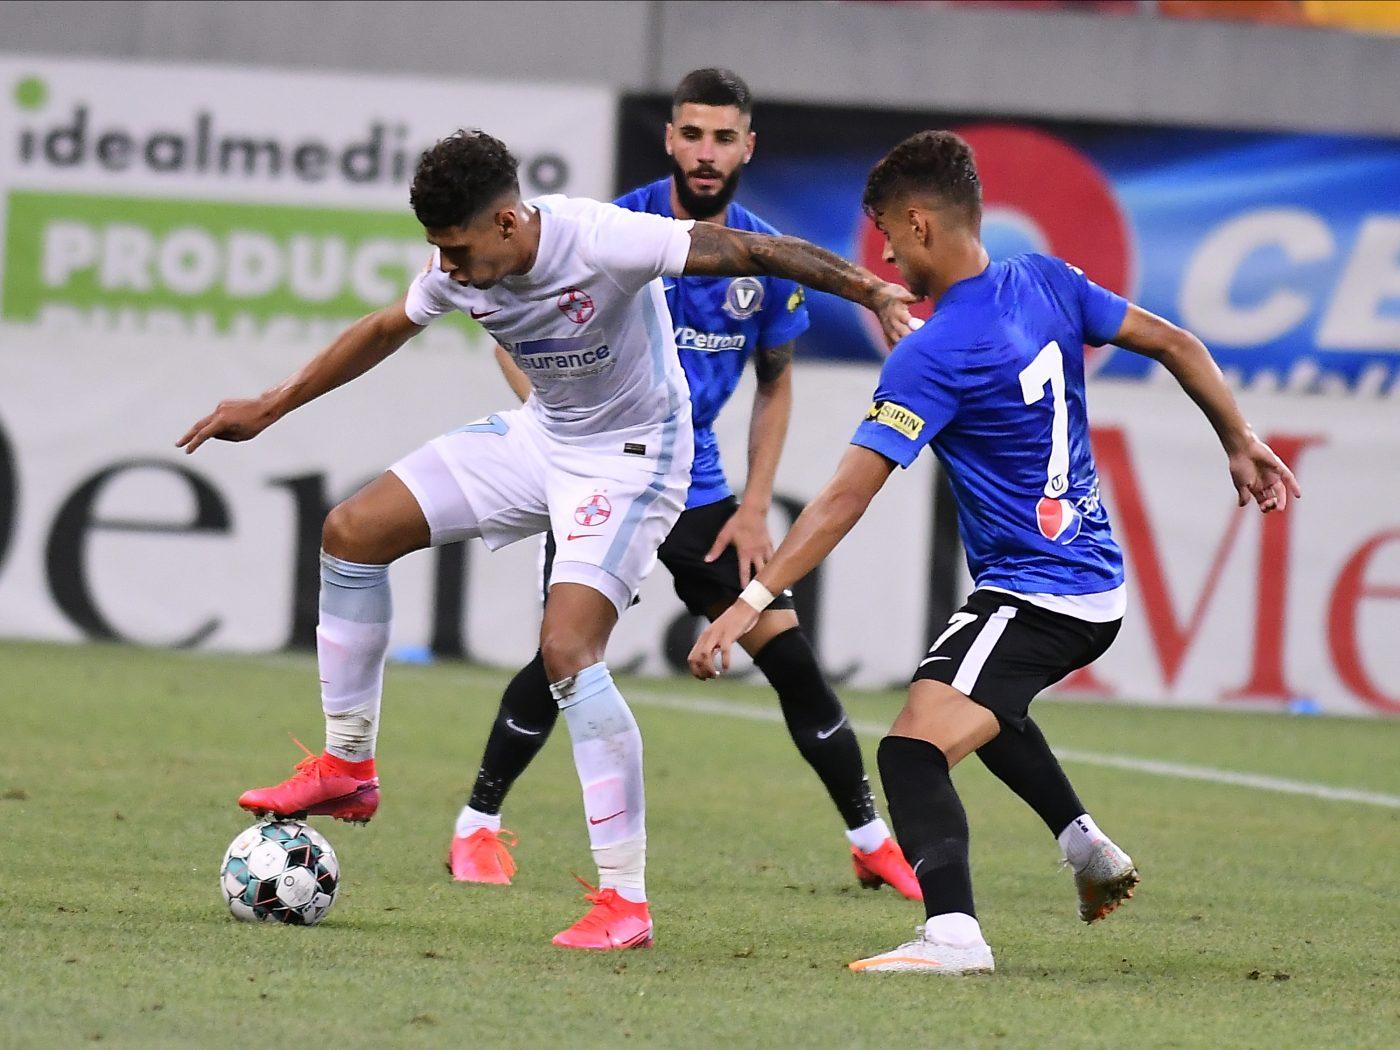 Viitorul – FCSB 0-0, Live Video Online în etapa a 17-a din Liga 1 | A început partida!